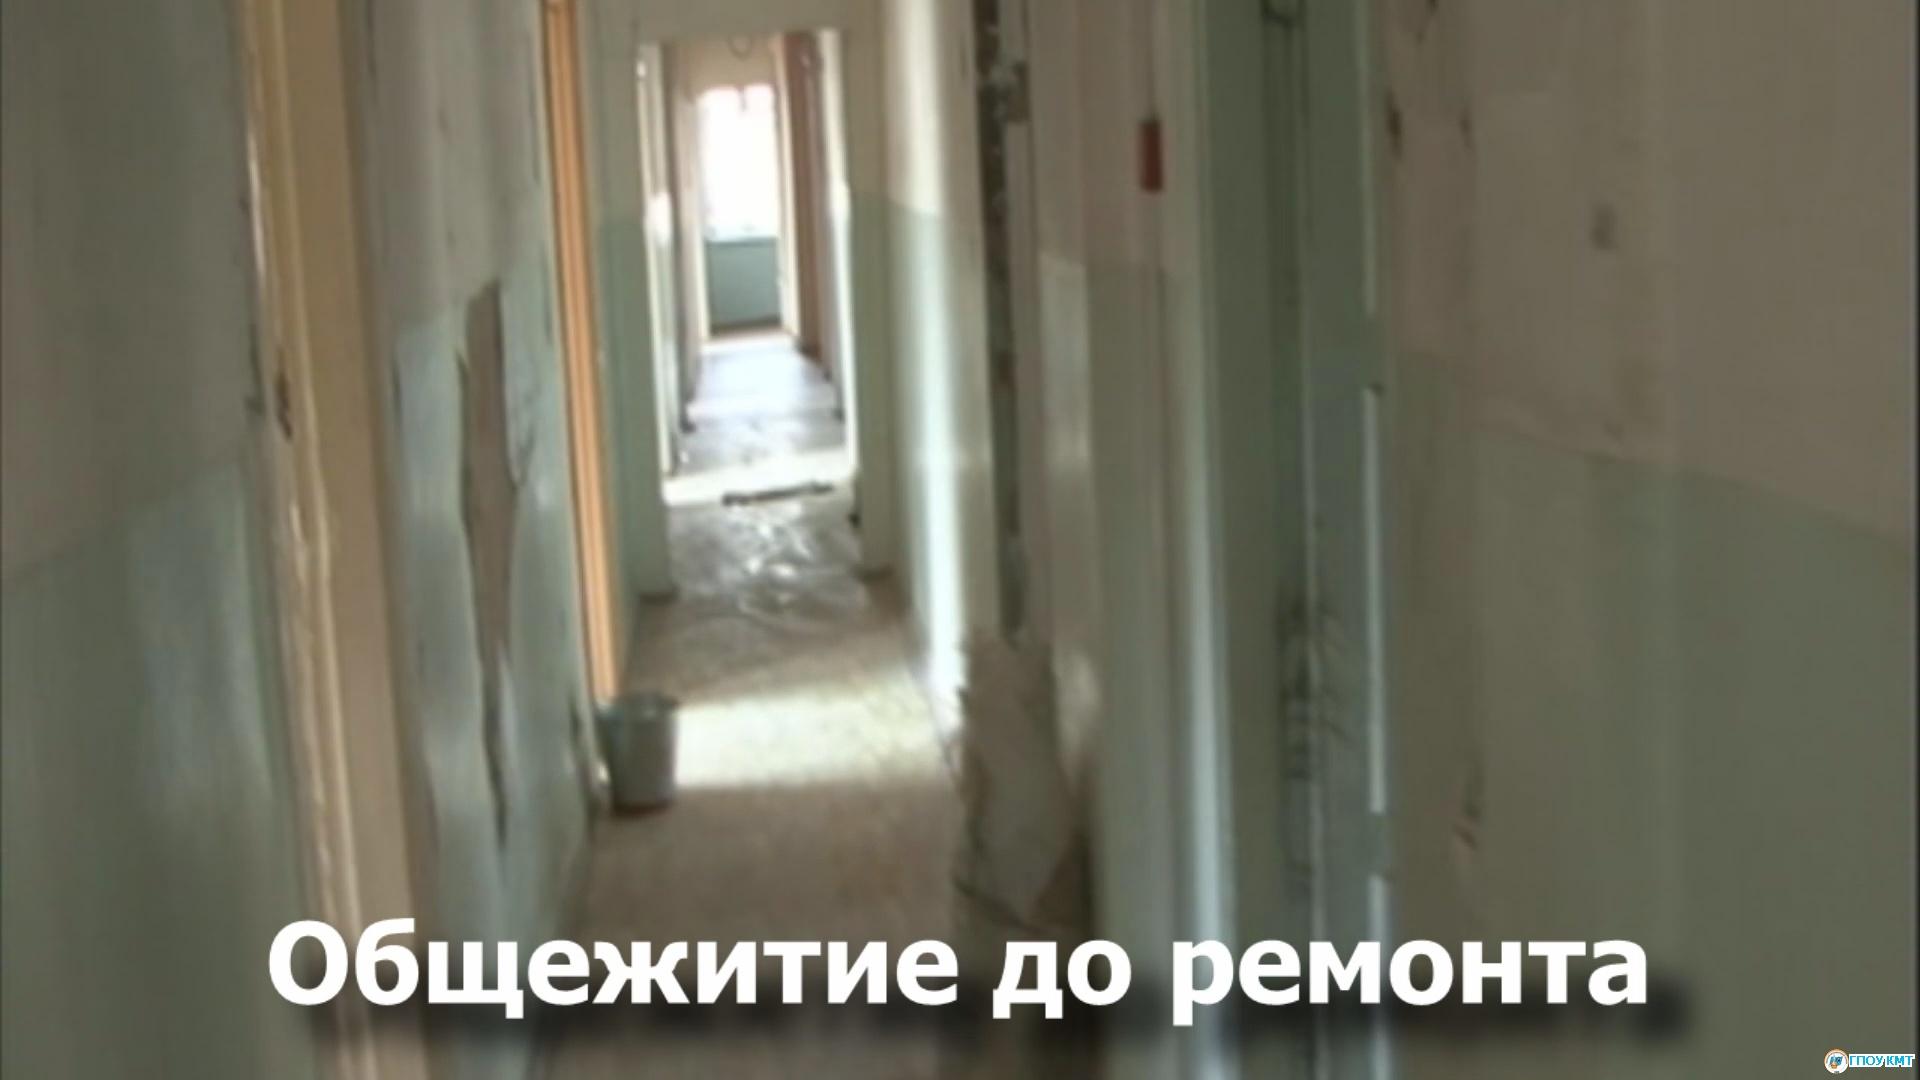 Общежитие до ремонта